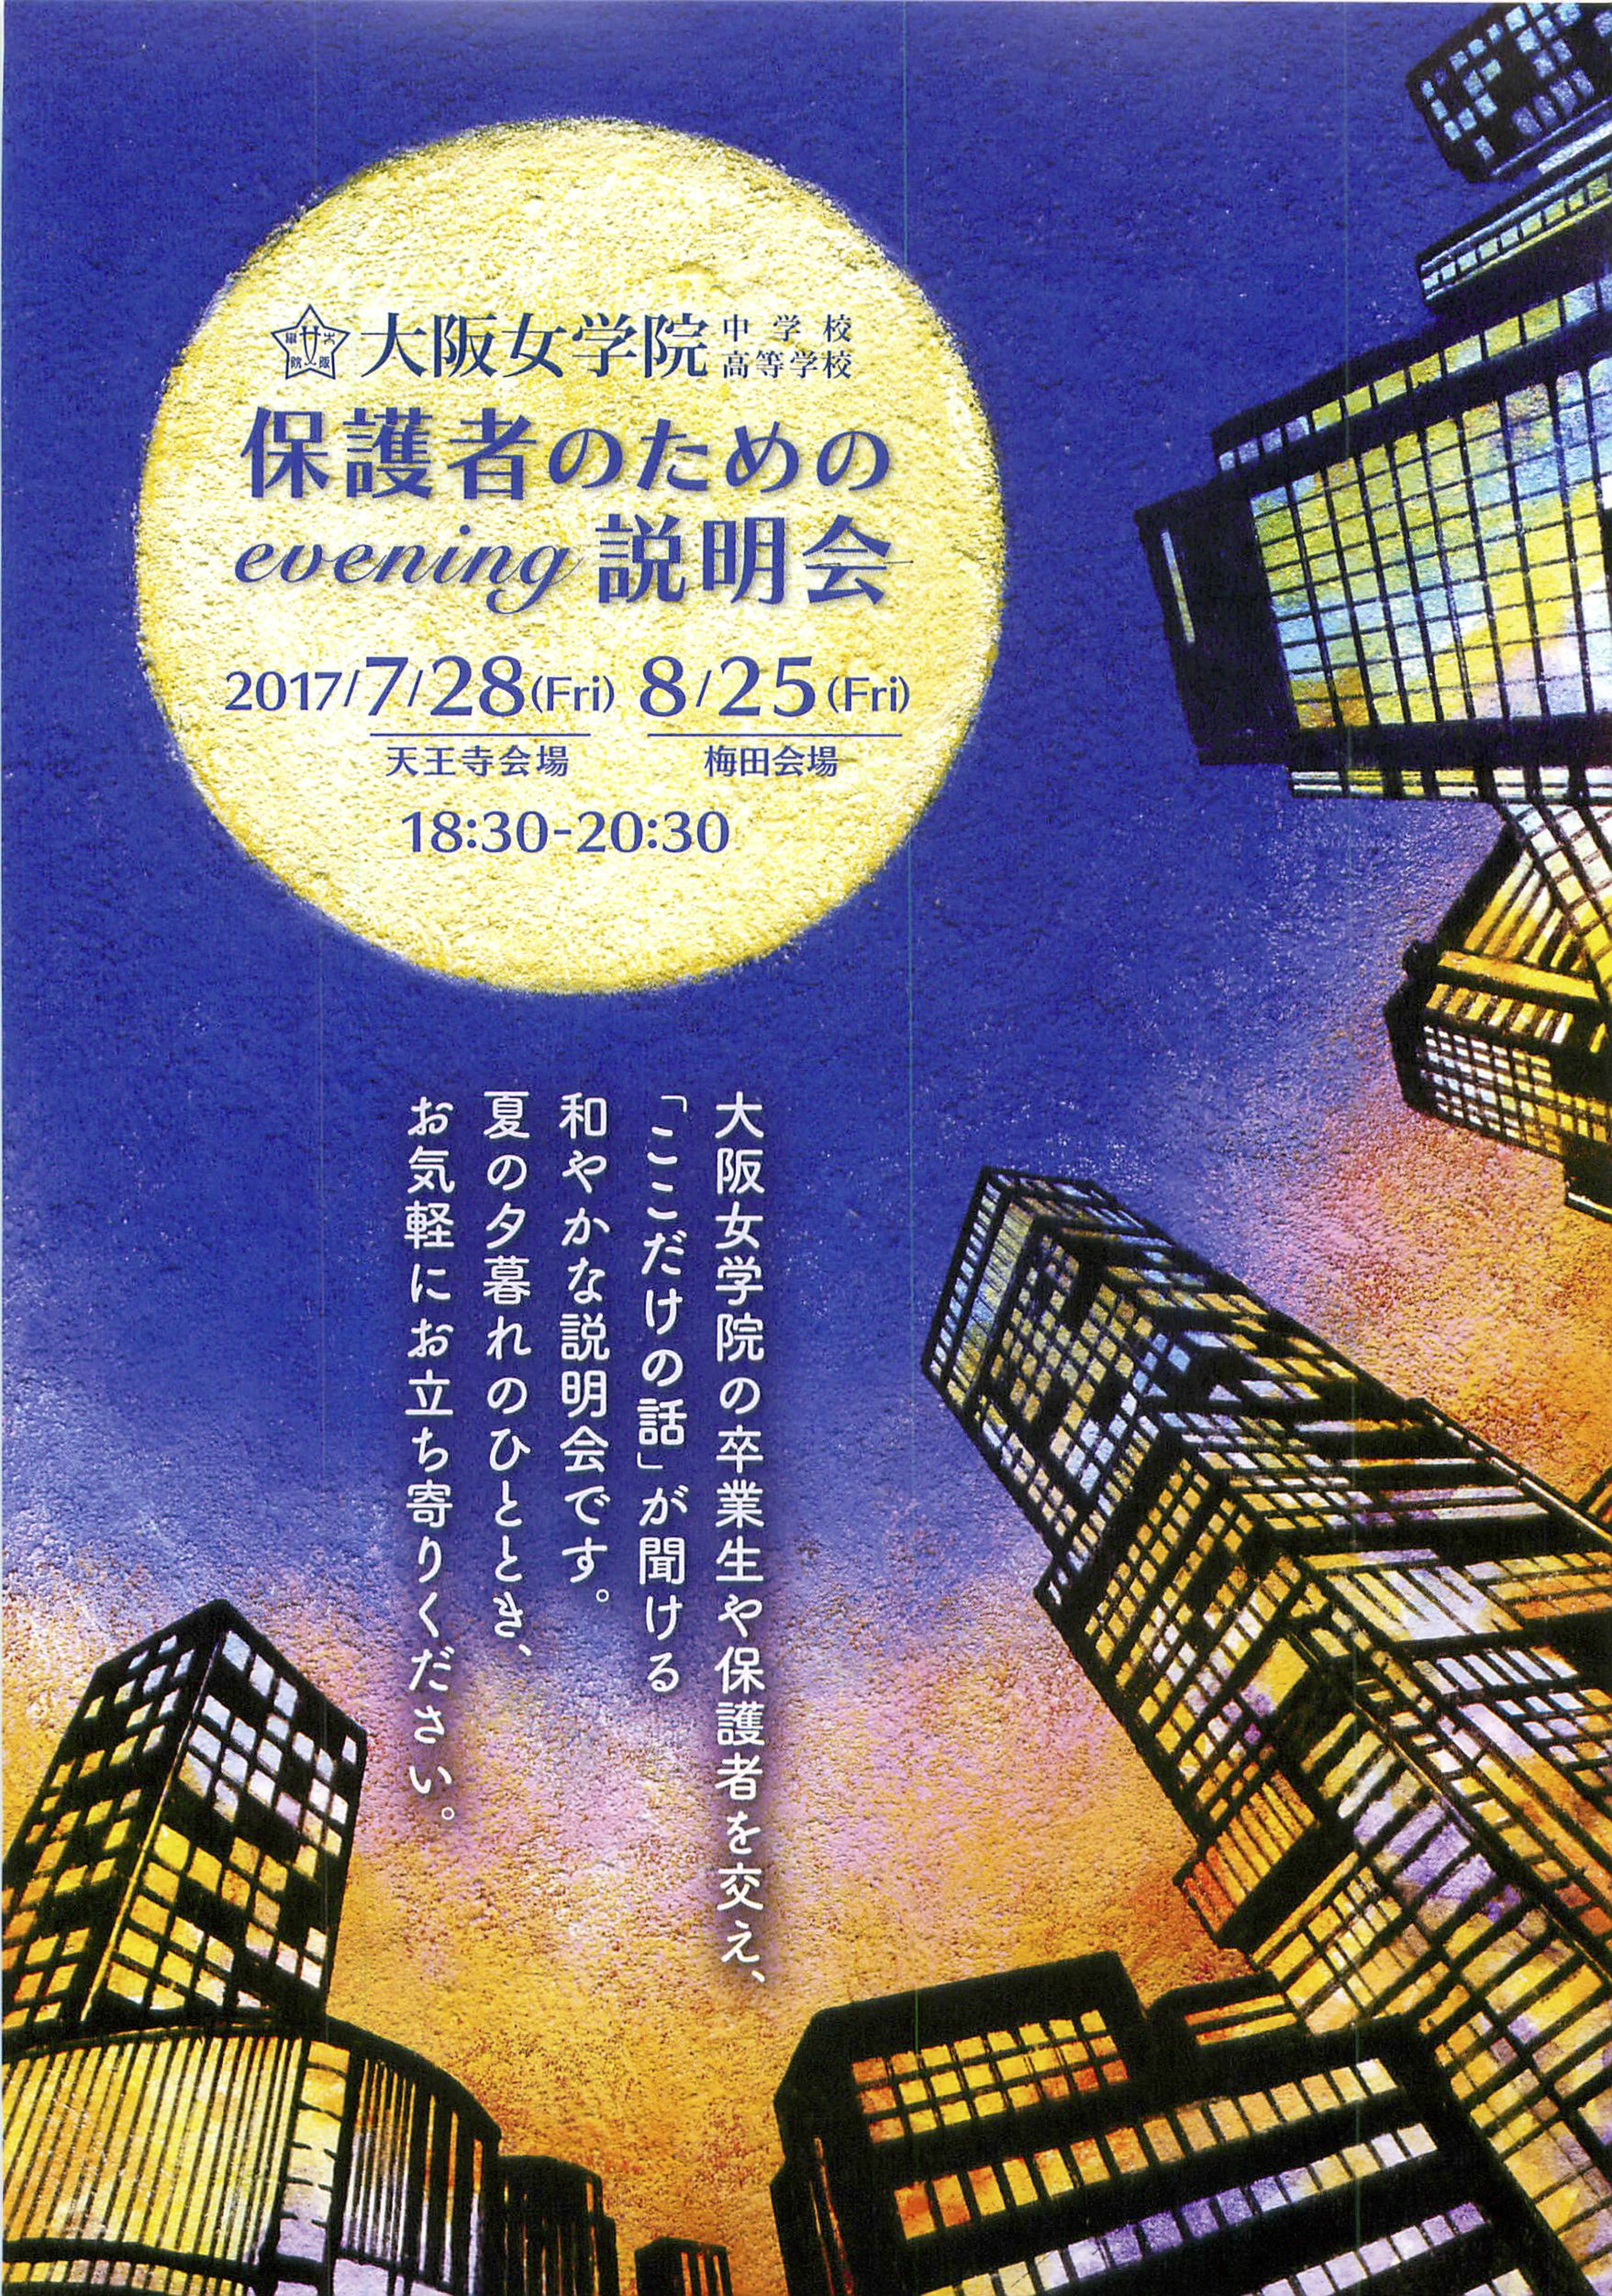 学校説明会のご案内@大阪女学院中学・高等学校